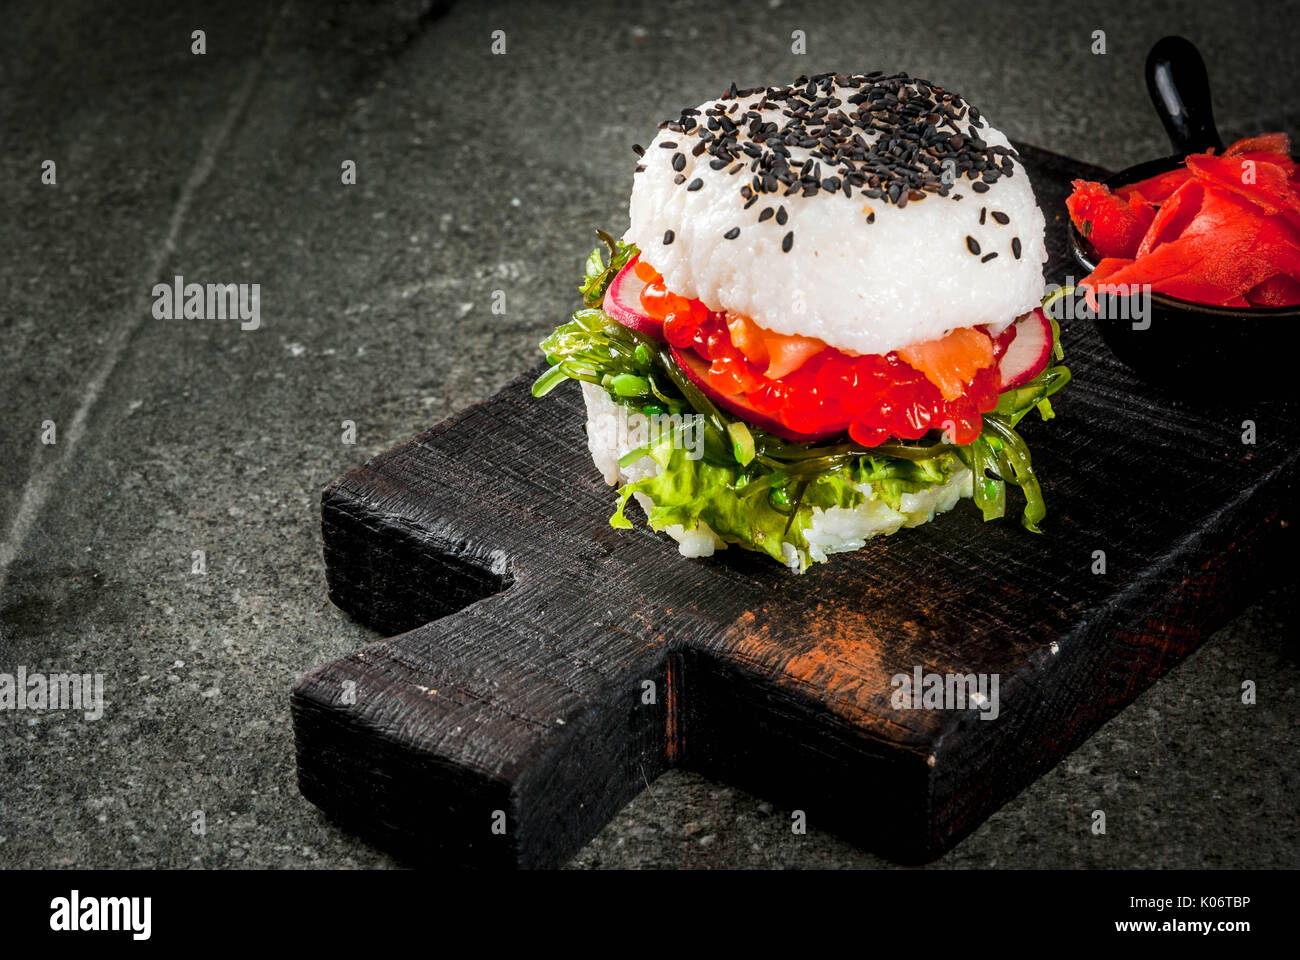 trend hybrid essen japanische asiatische k che sushi burger sandwich mit lachs hayashi. Black Bedroom Furniture Sets. Home Design Ideas